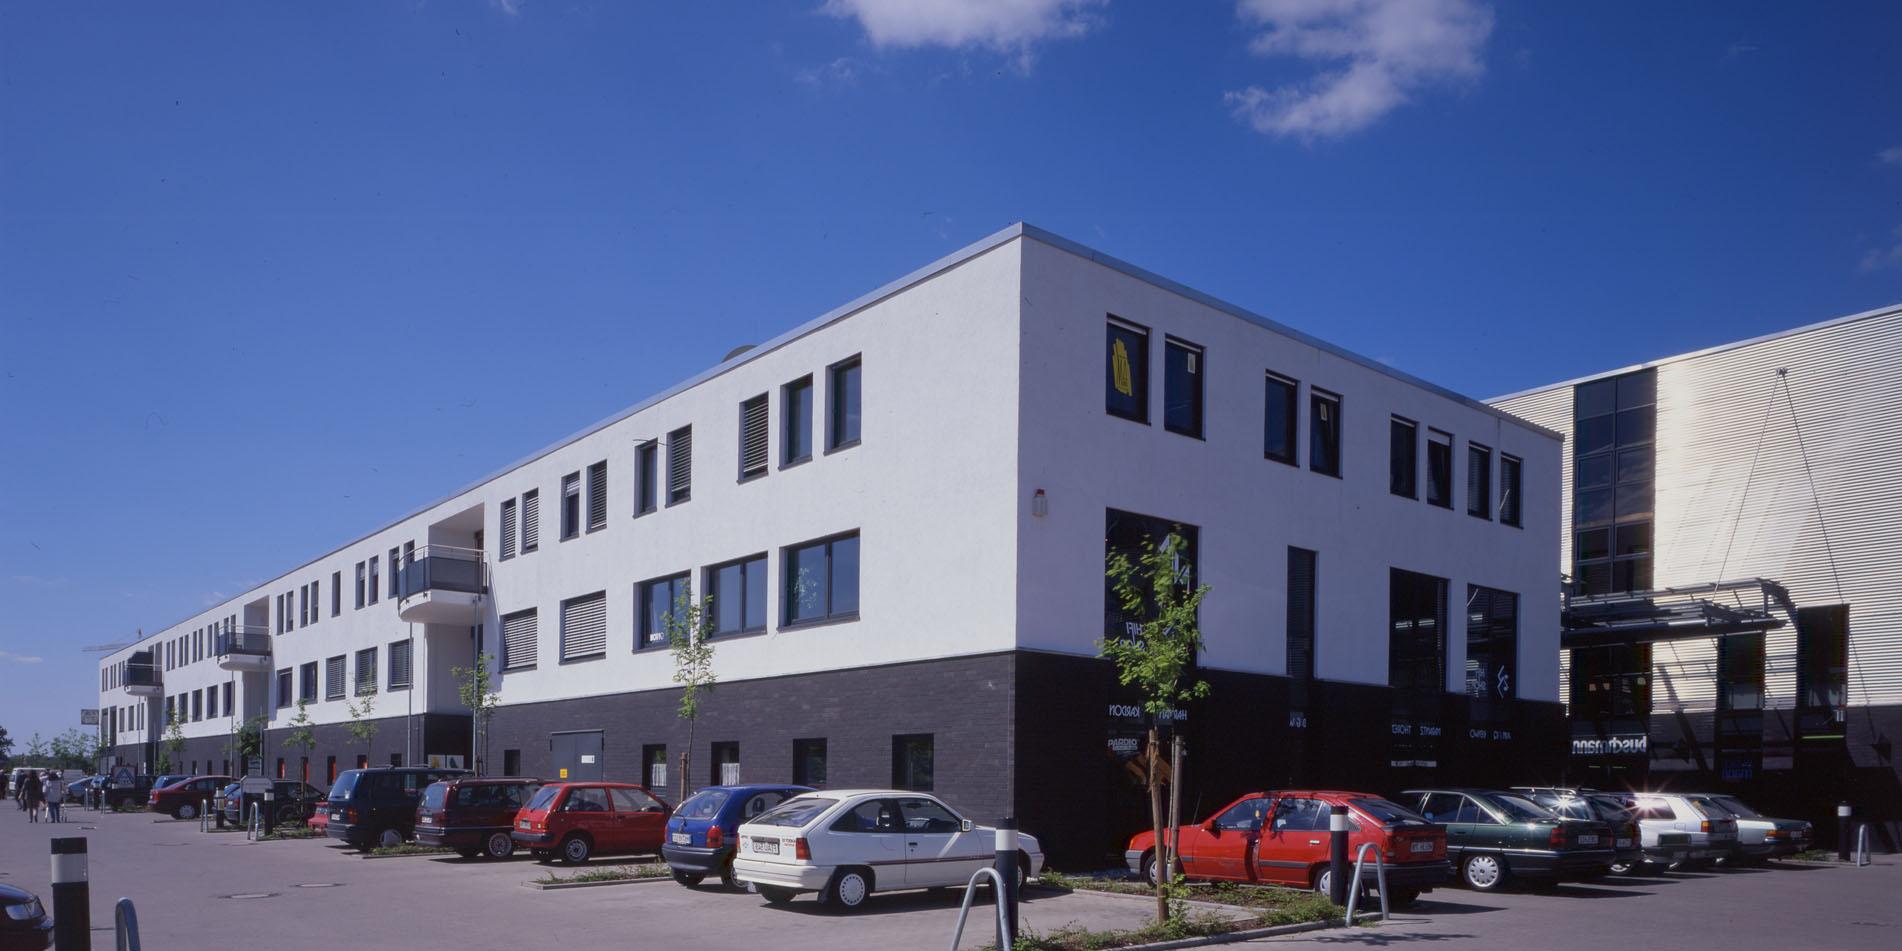 verwaltetes Wohn- und Geschäftszentrum in Münster